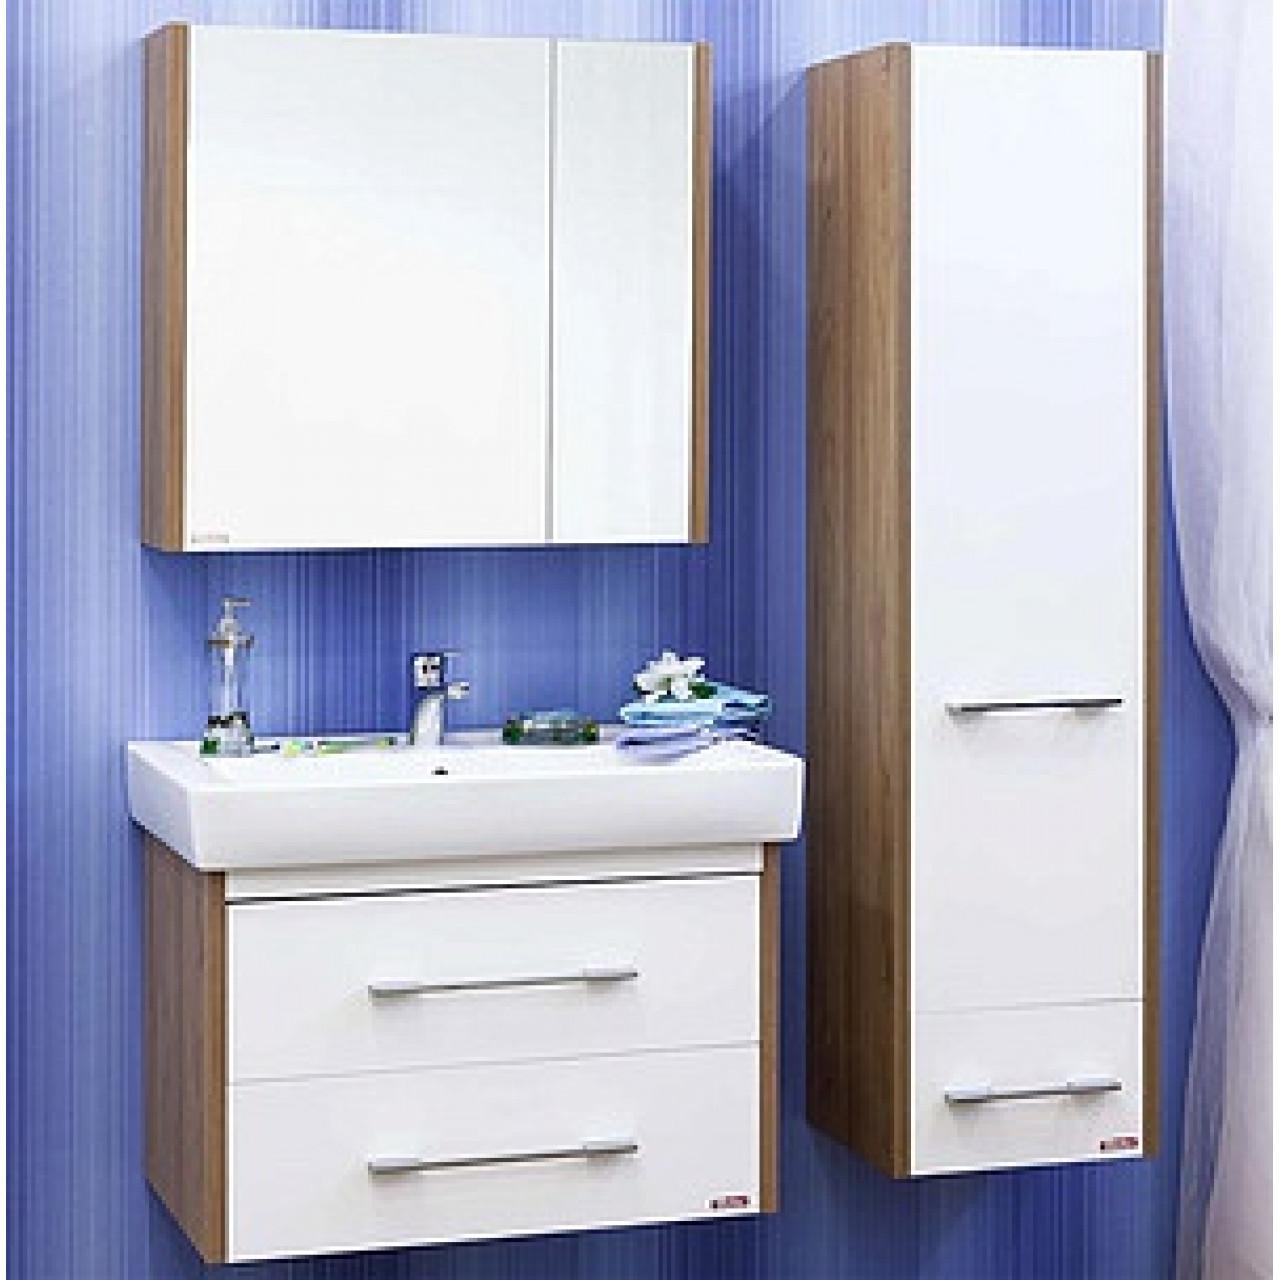 Комплект мебели Sanflor Ларго 80 белый подвесной купить в Москве по цене от 19394р. в интернет-магазине mebel-v-vannu.ru